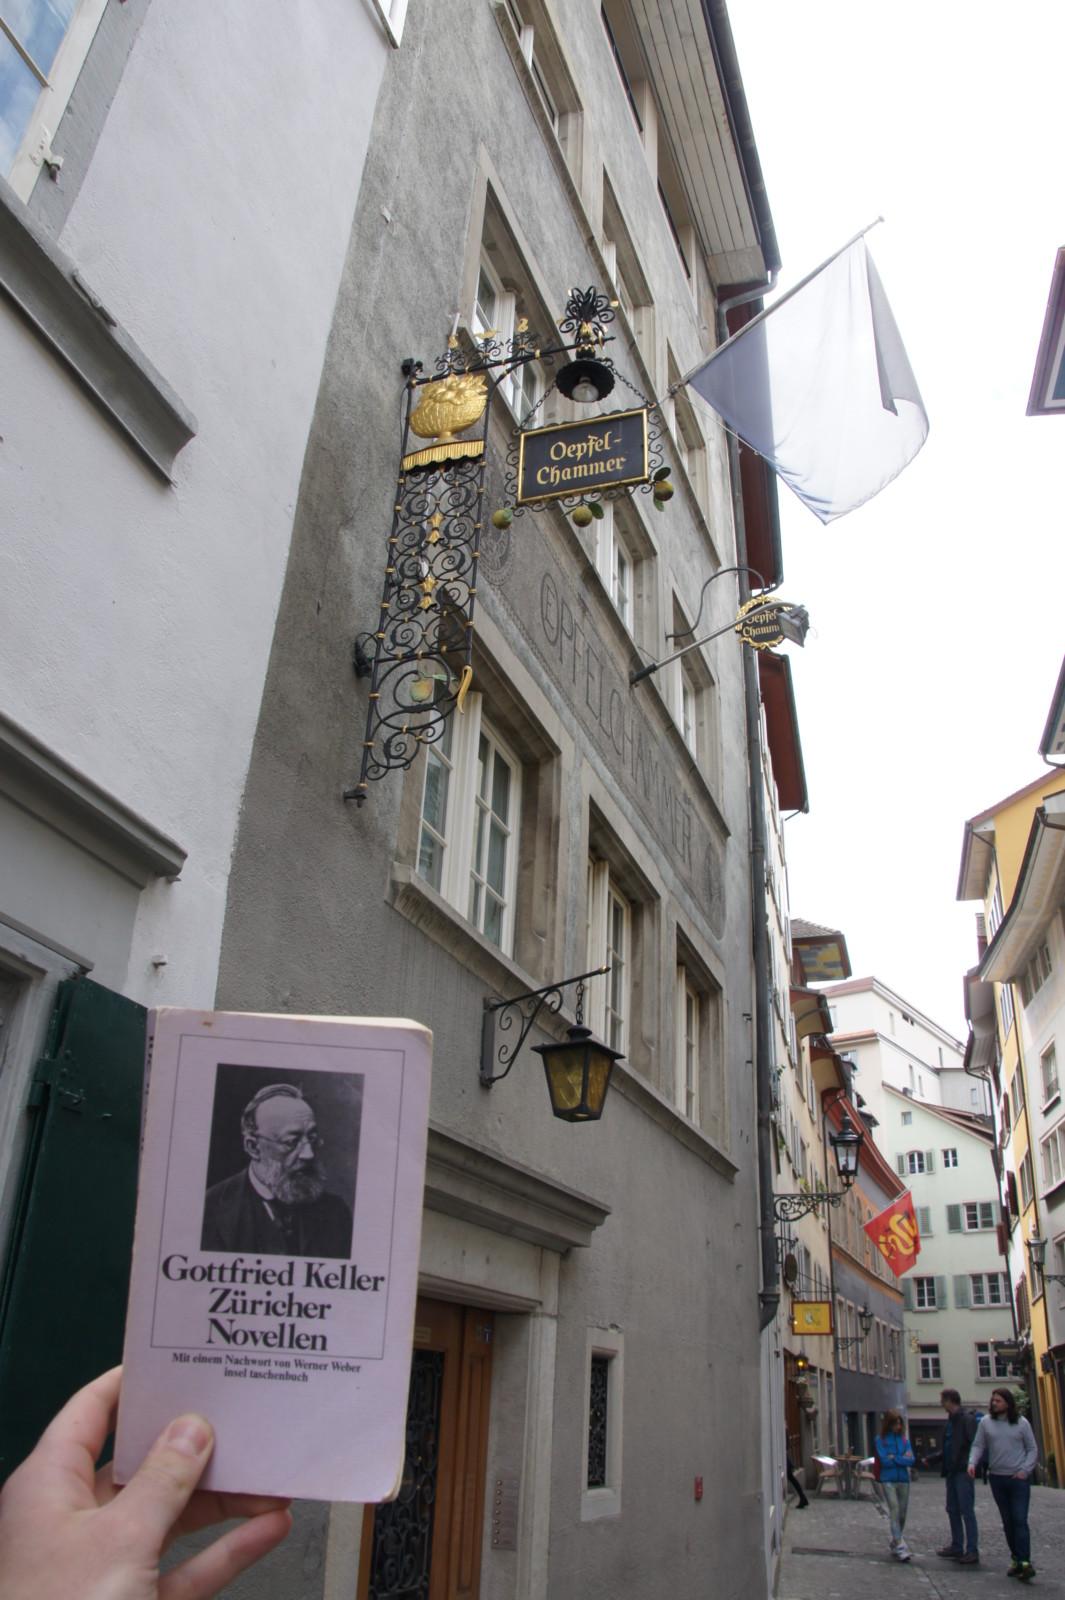 Gottfried Keller wohnte vis-à-vis der Öpfelchammer. Foto: Lunchgate/Max